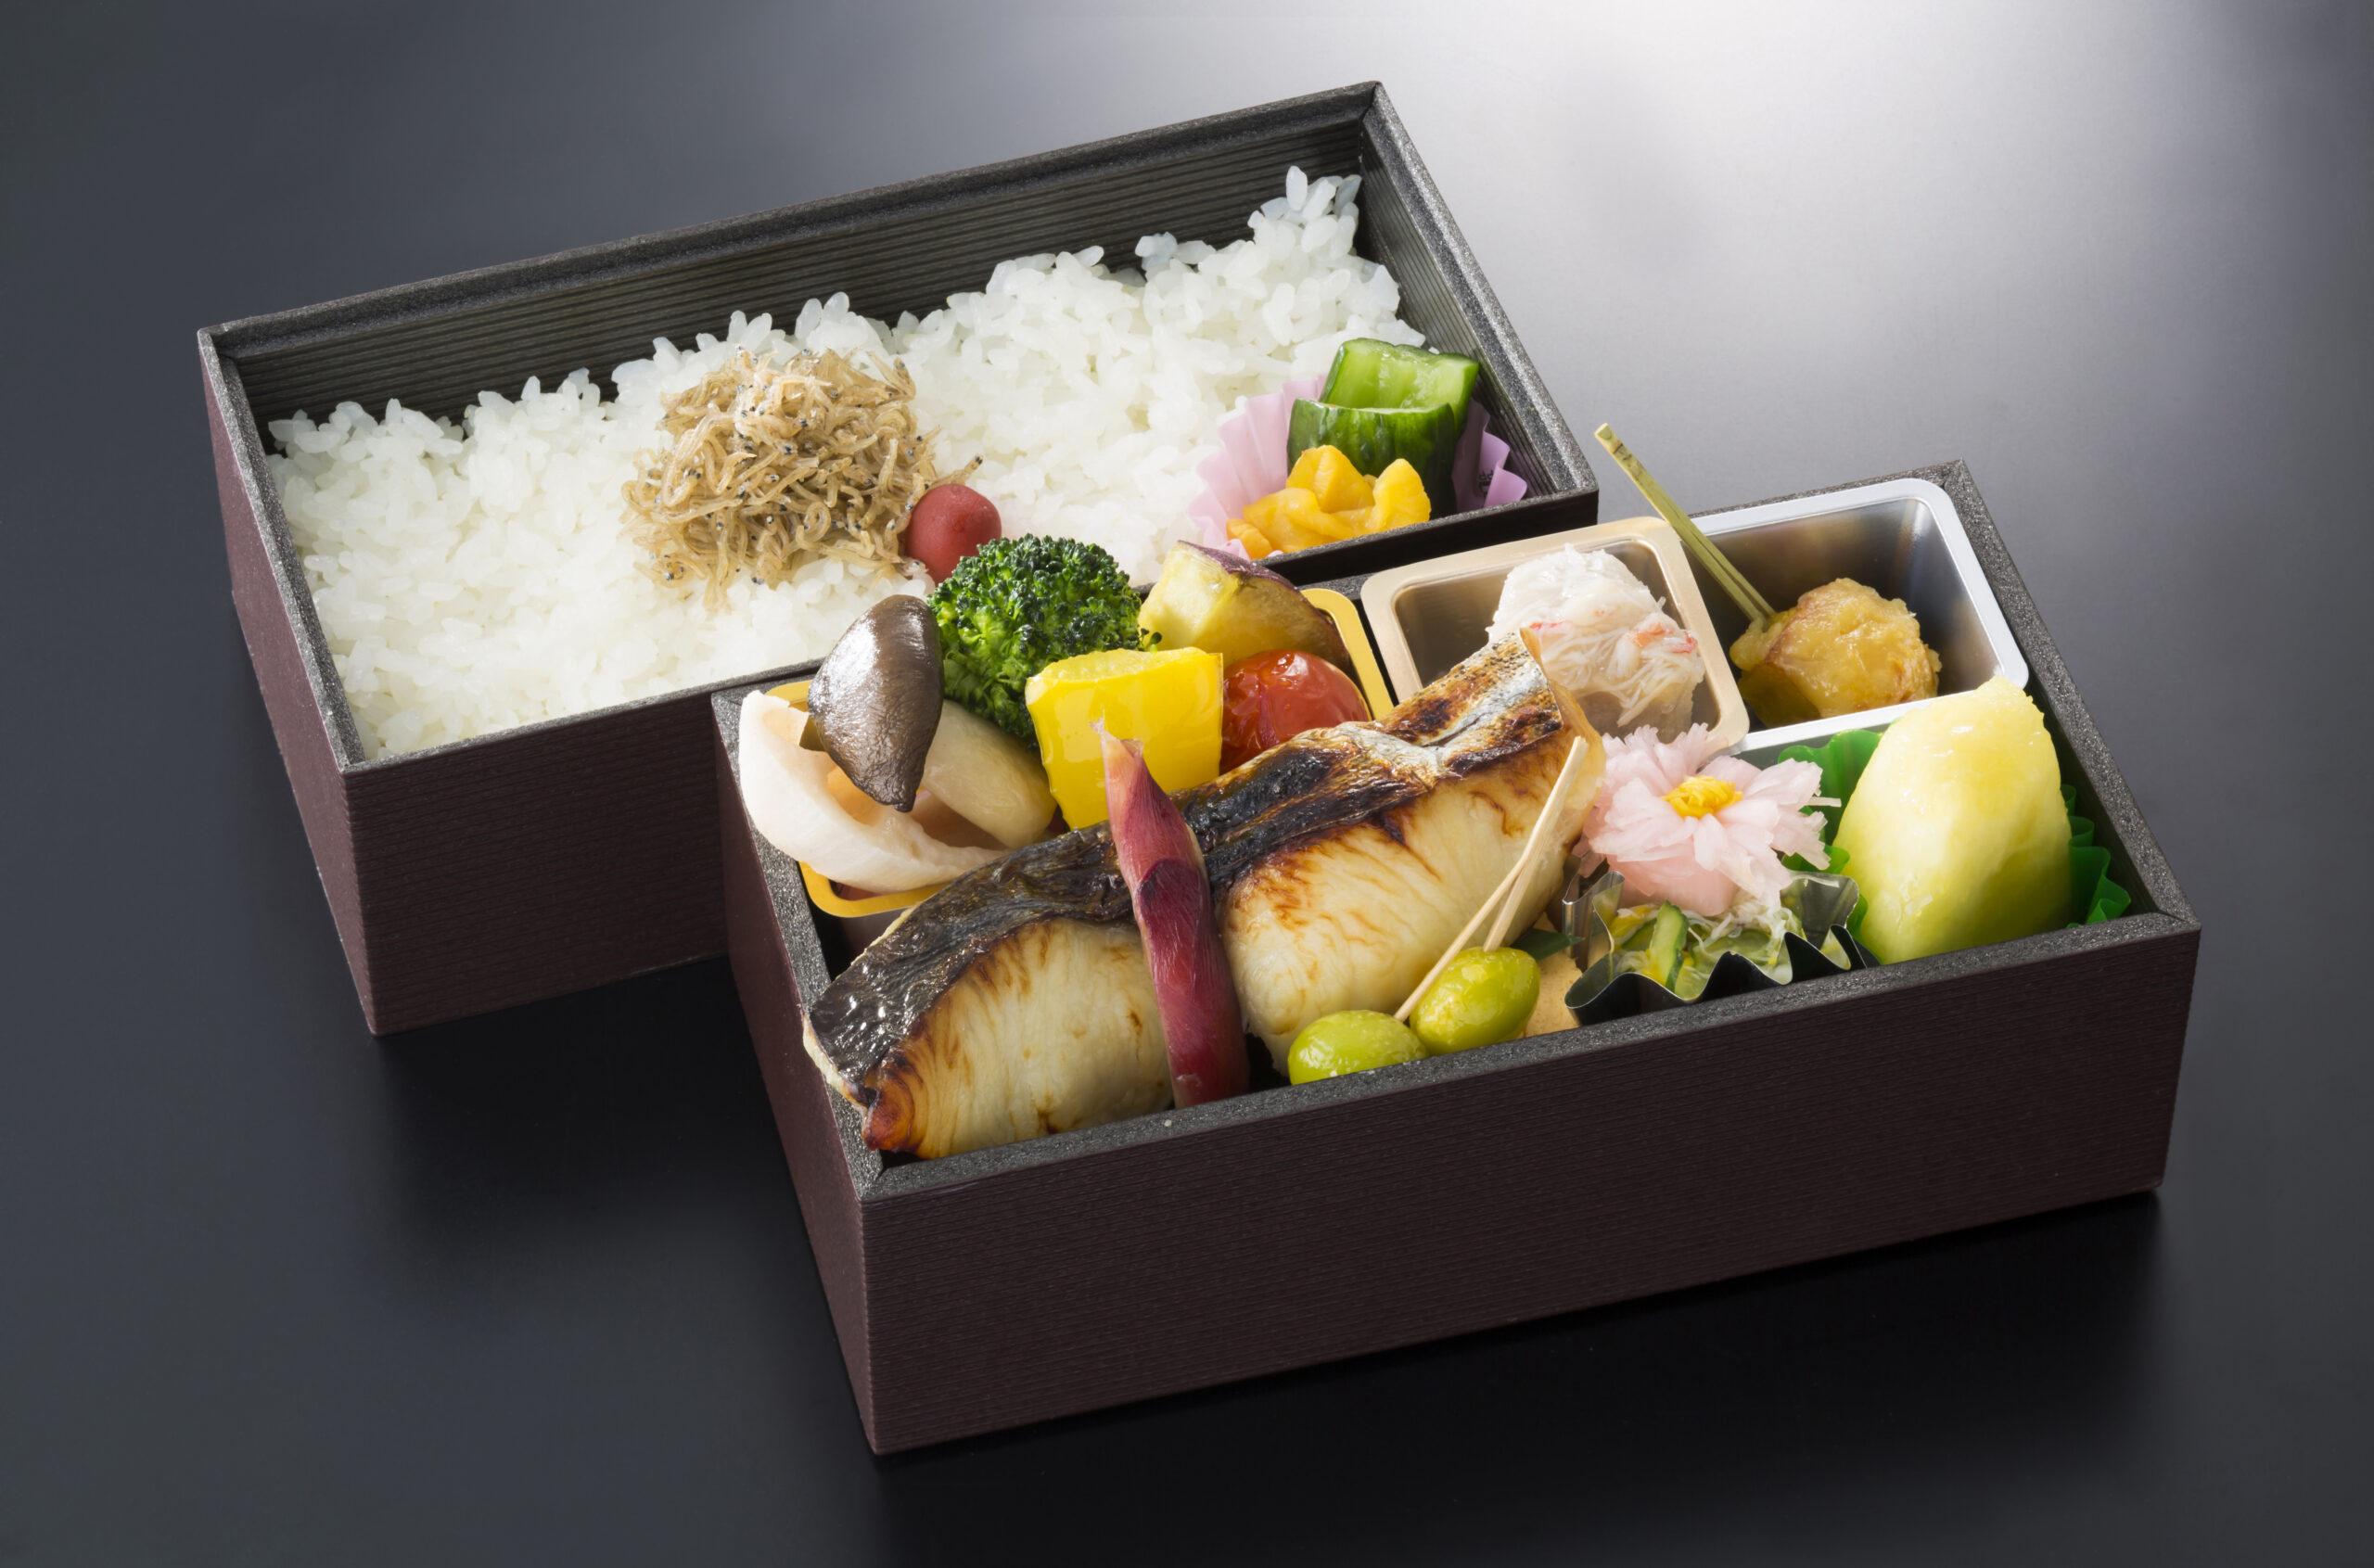 【焼魚弁当】2,160円/炊込ご飯 2,700円<p>ふっくらと焼き上げた季節の焼魚と旬の品々を詰めた御弁当です。 焼魚は、仕入状況により日替わりとなります。</p>